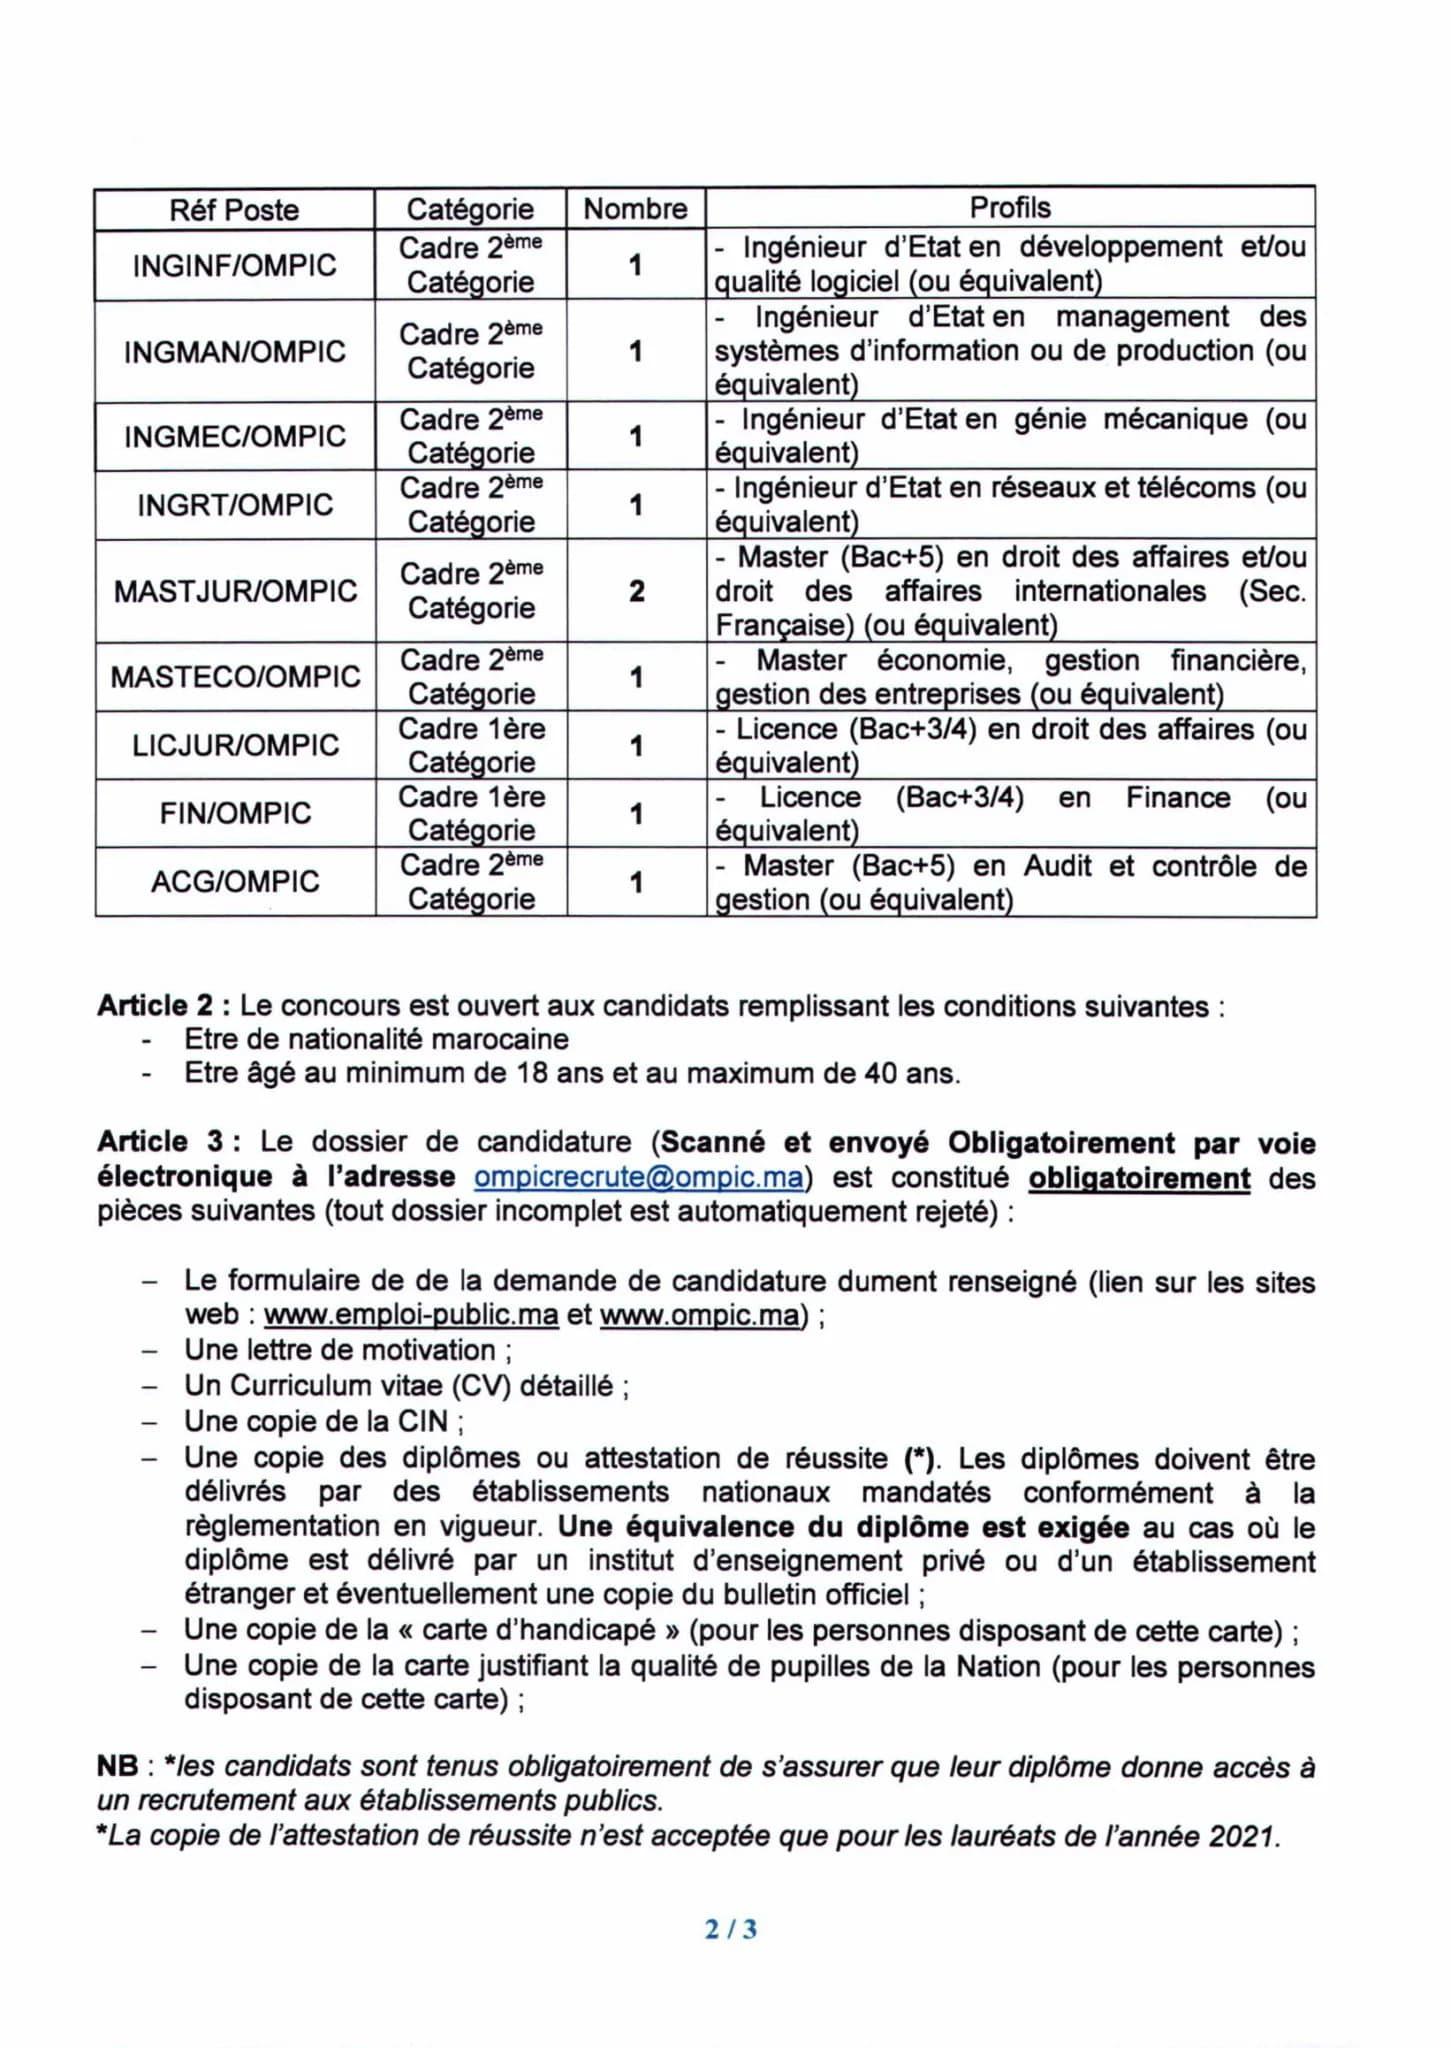 المكتب المغربي للملكية الصناعية والتجارية مباراة توظيف في عدة مناصب آخر أجل لإيداع الترشيحات 18 اكتوبر 2021 Concours%2Bde%2BRecrutement%2BOMPIC%2B2021